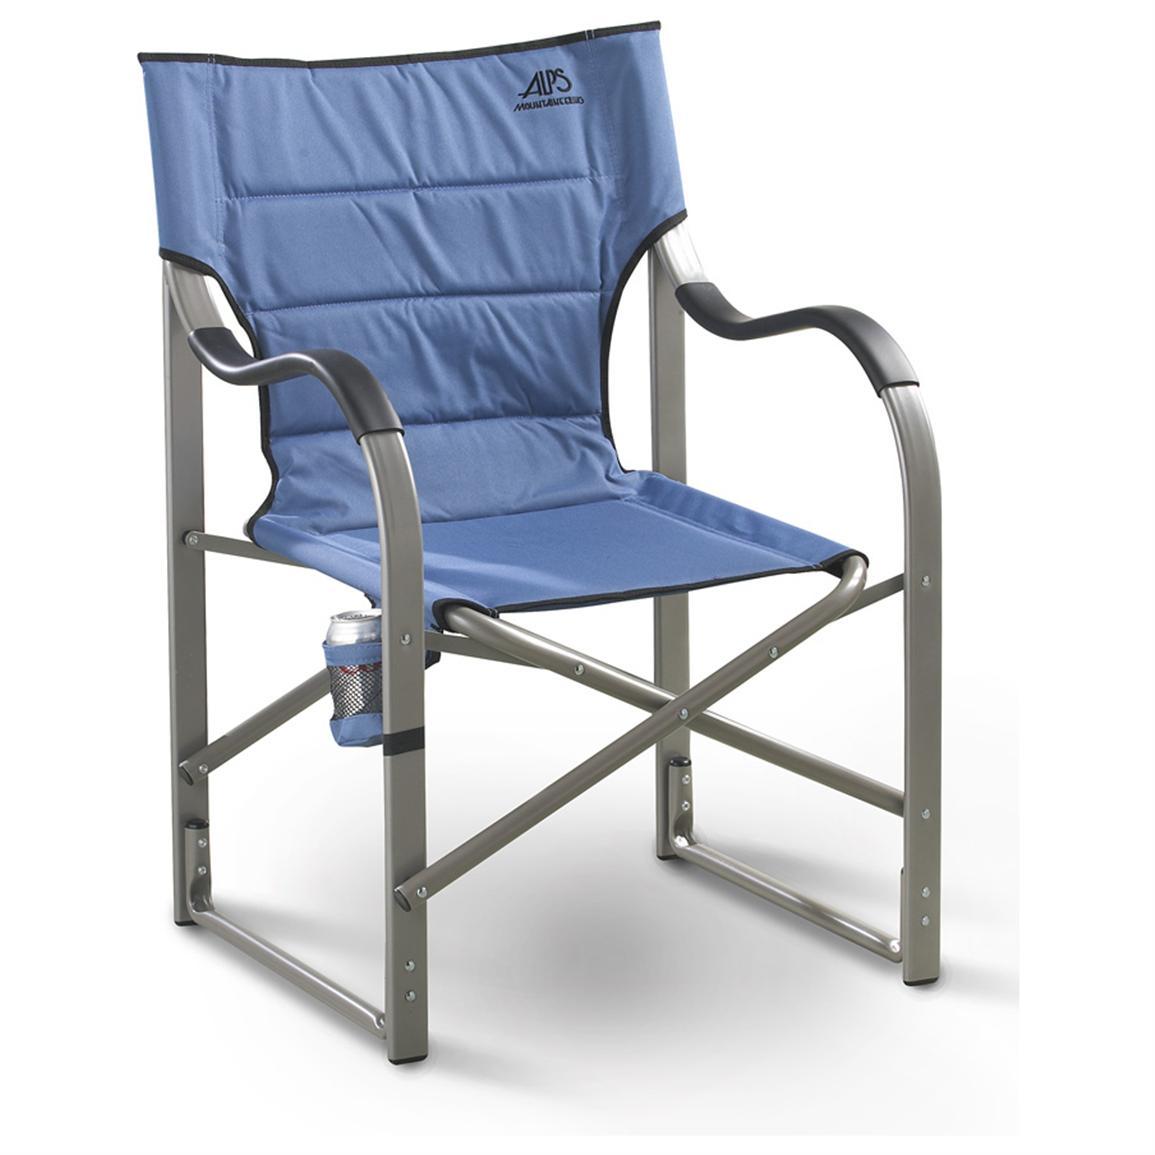 katlanır-sandalye-modelleri Katlanır Kamp Sandalye Alırken İpuçları